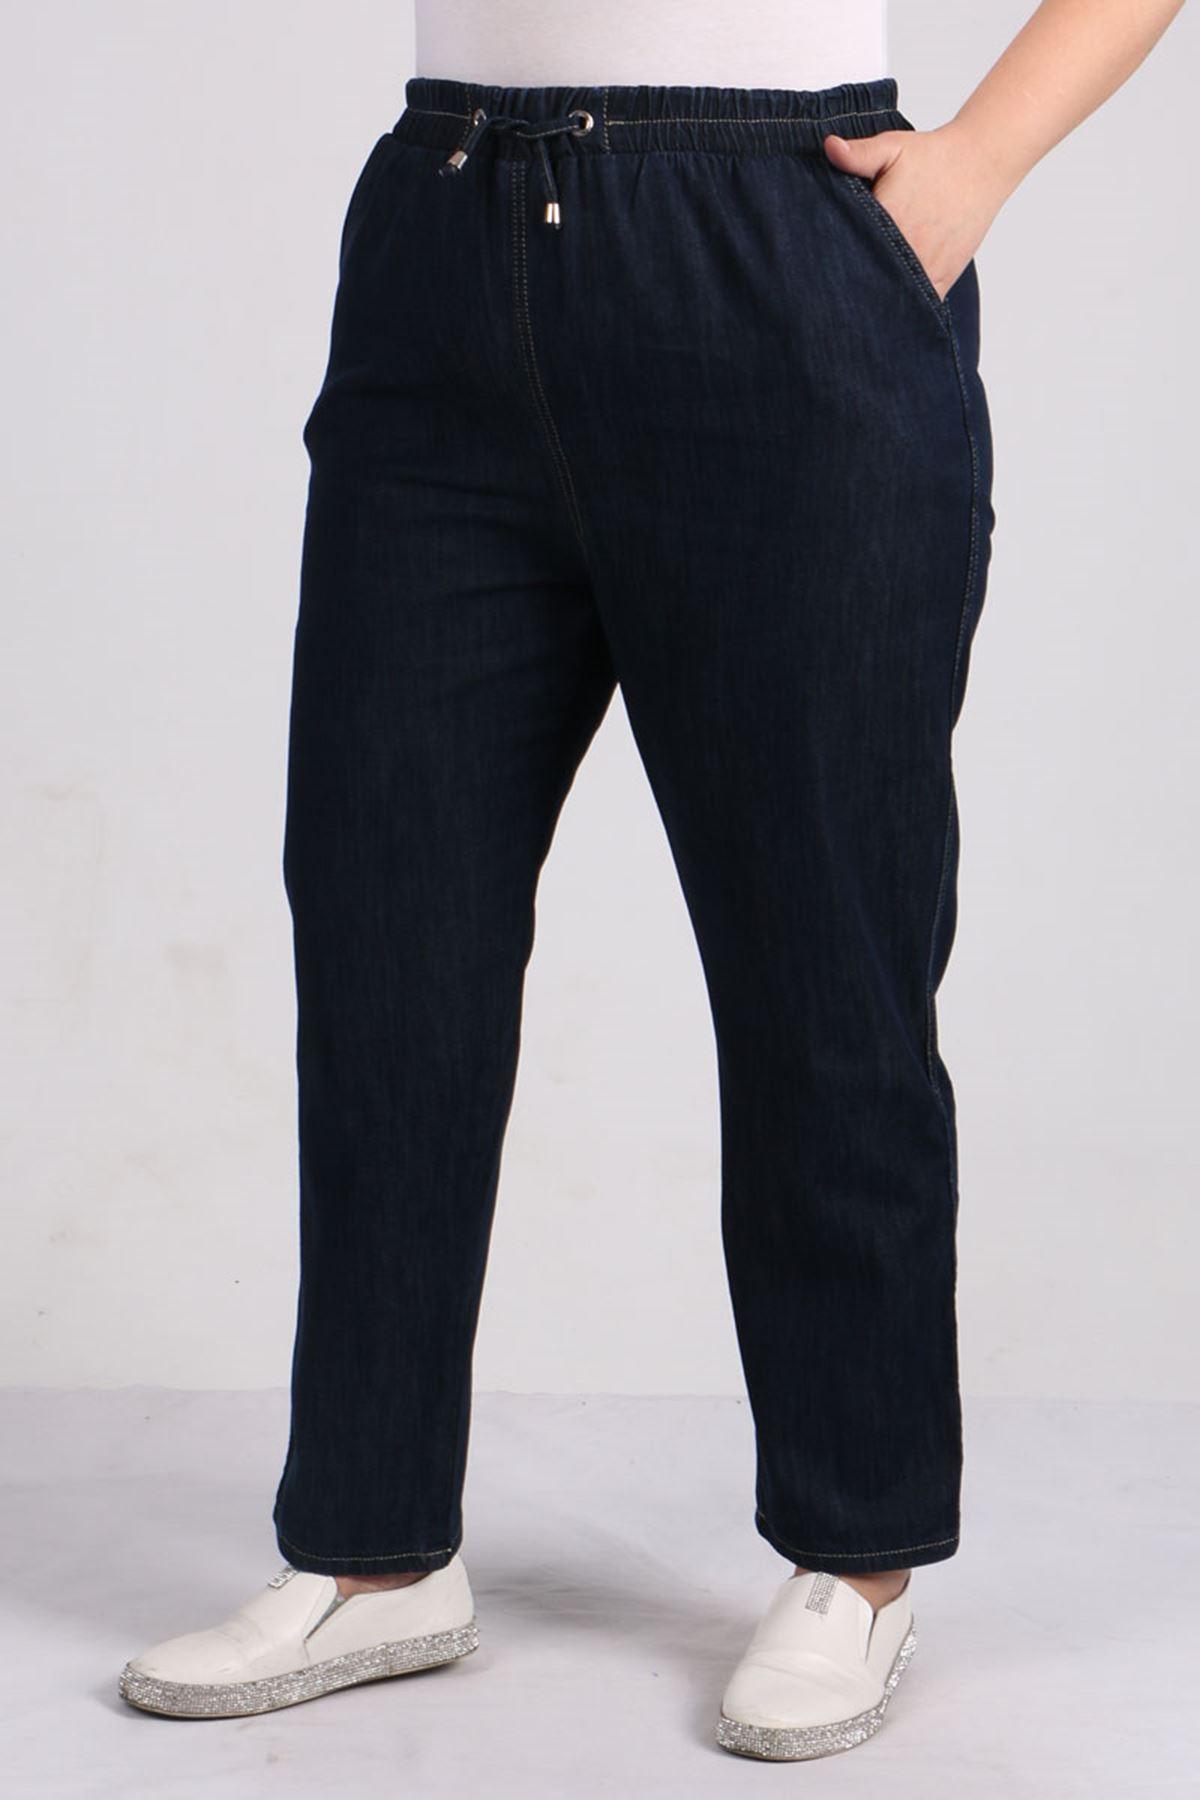 D-9123 Büyük Beden Defolu Beli Lastikli Dar Paça Kot Pantolon-Koyu Lacivert